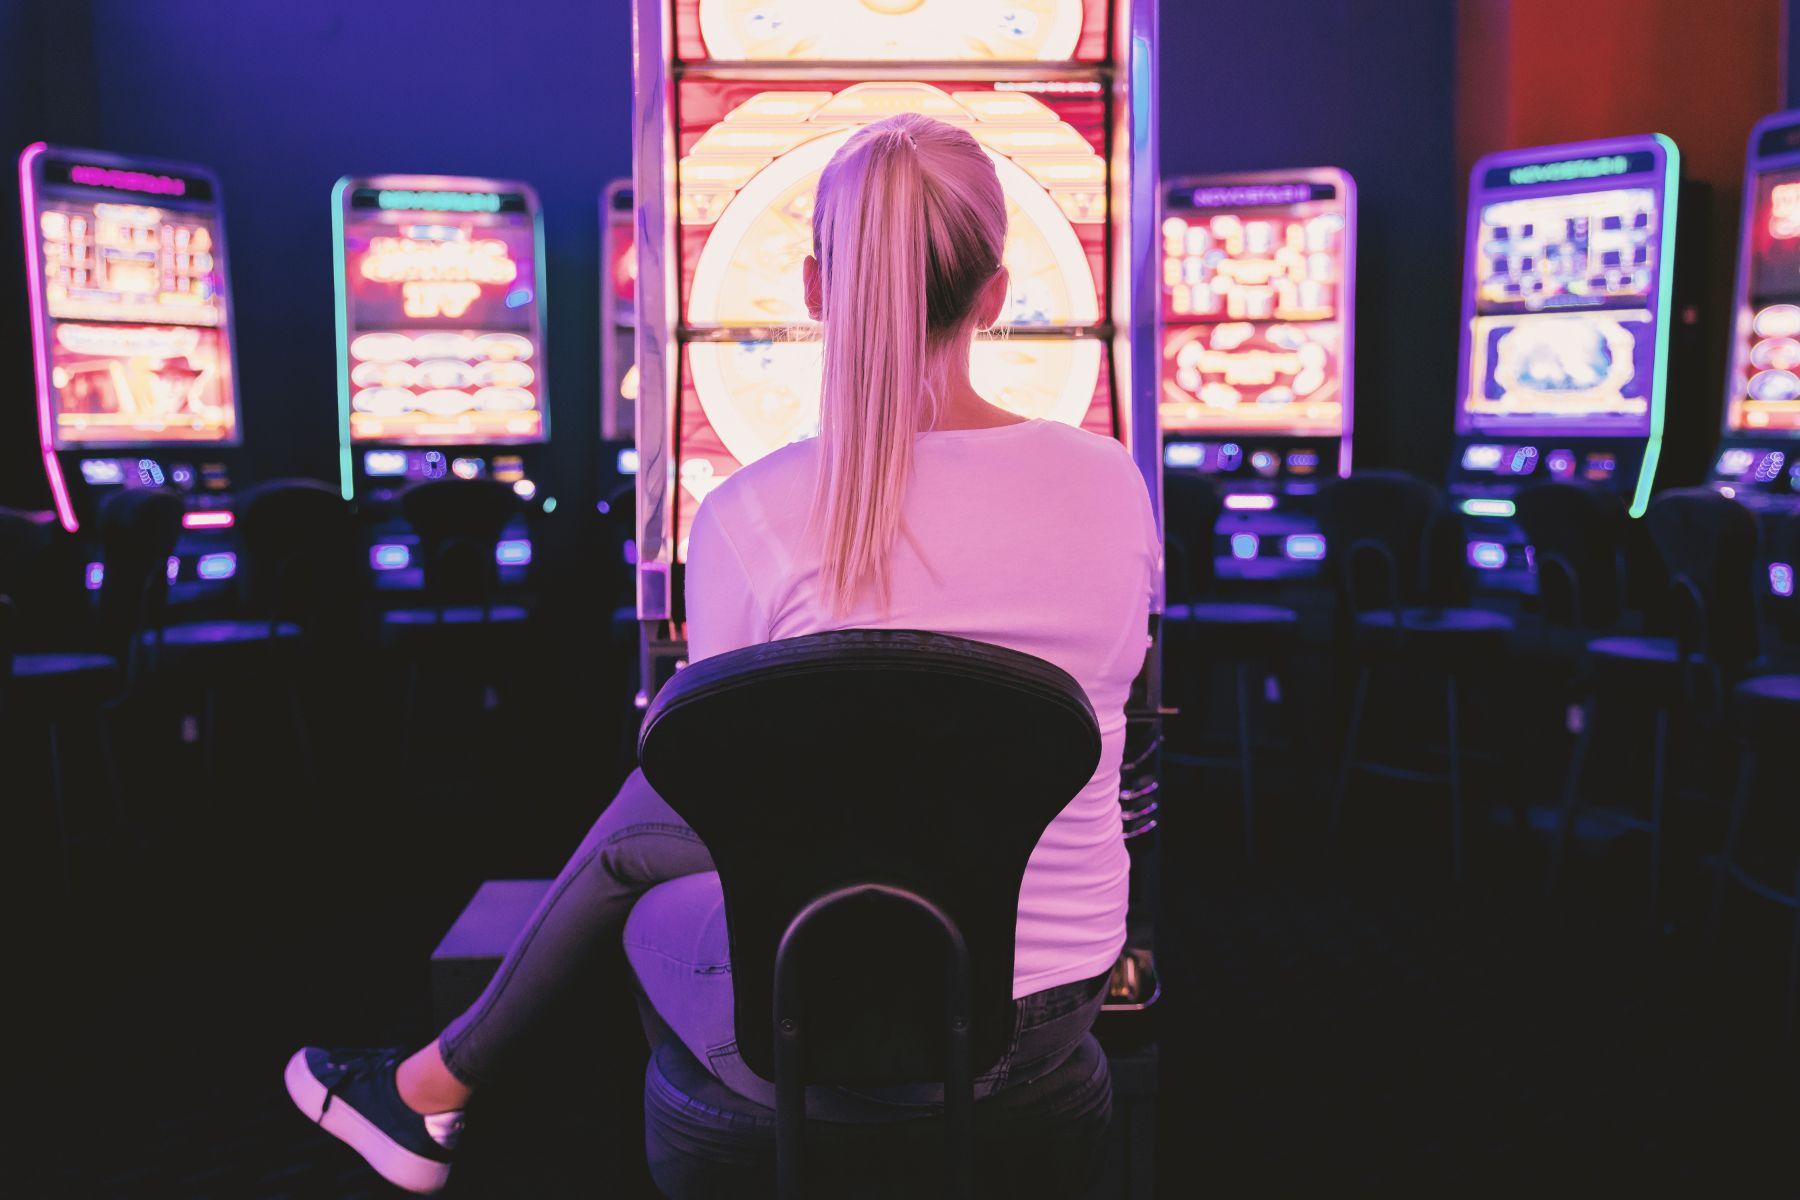 hot slot games